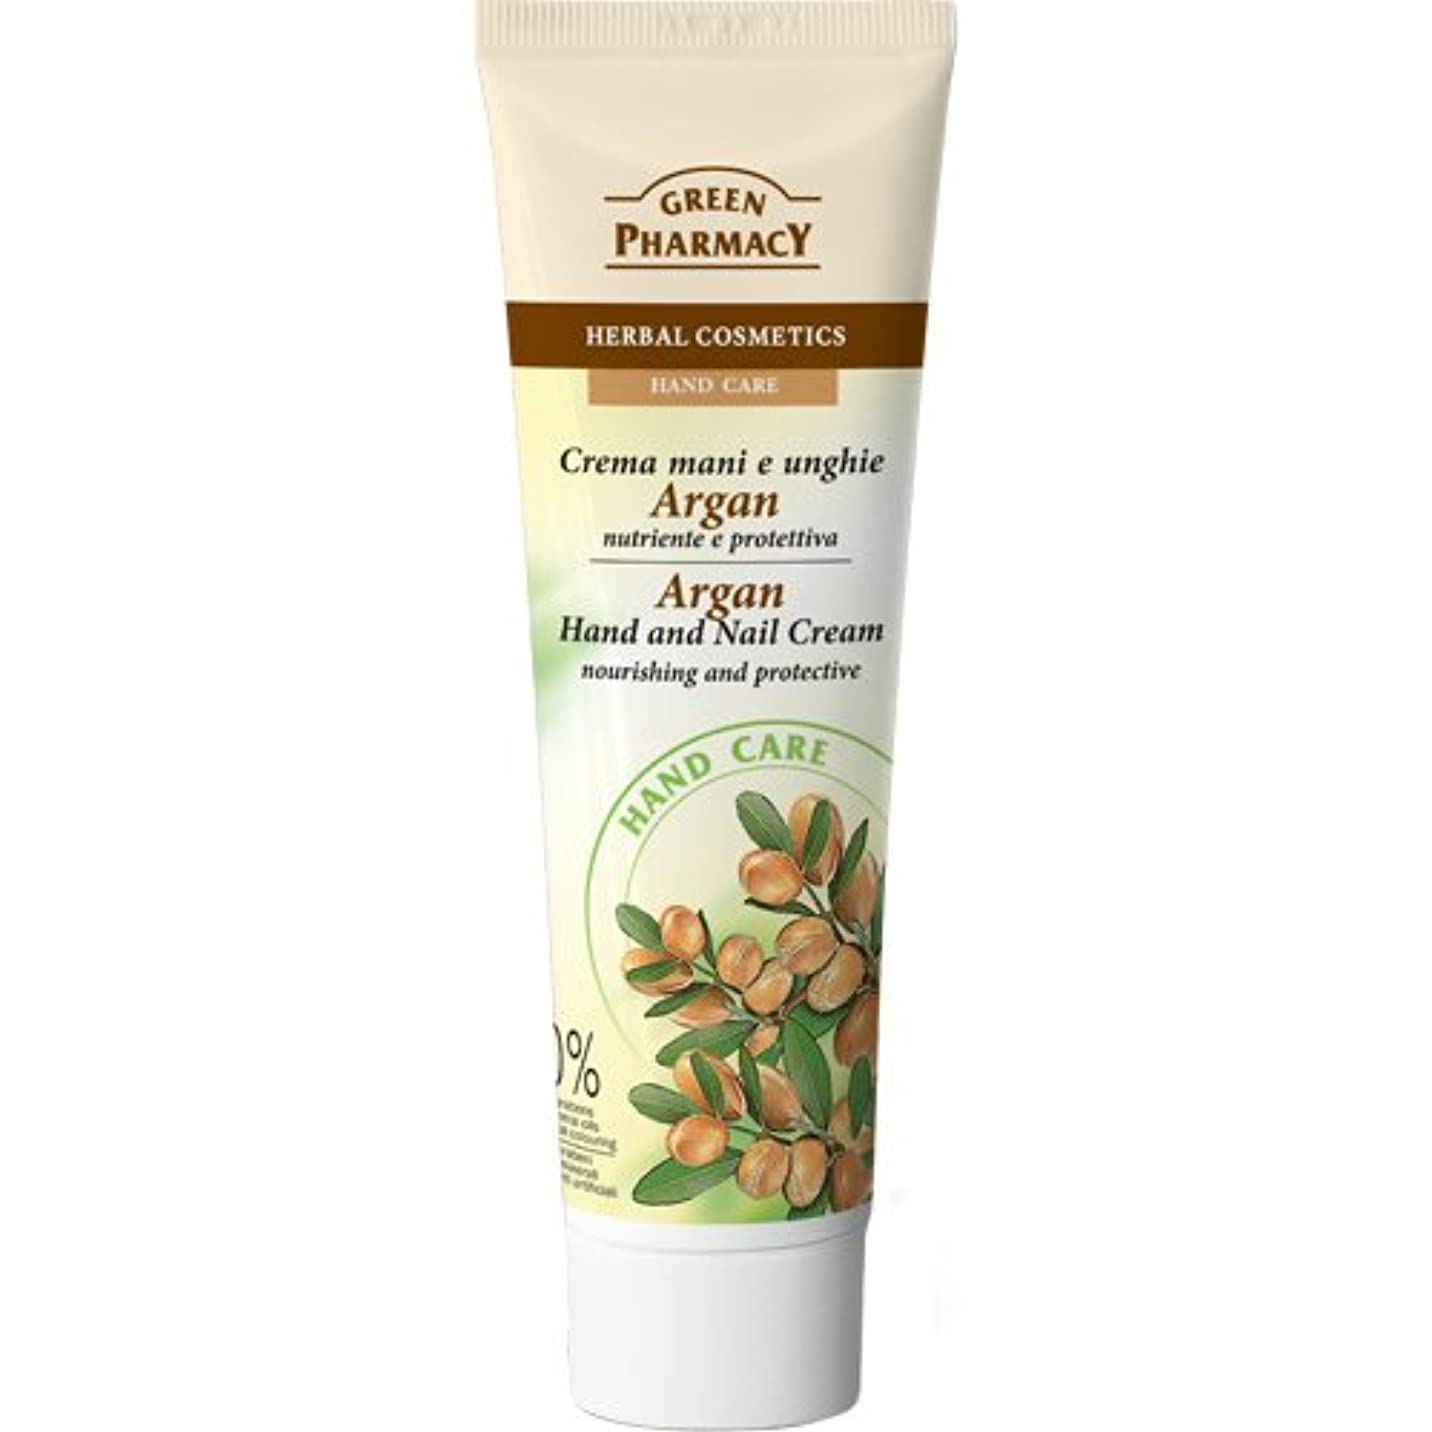 聖なる誘導配列Elfa Pharm Green Pharmacy グリーンファーマシー Hand&Nail Cream ハンド&ネイルクリーム Argan Oil